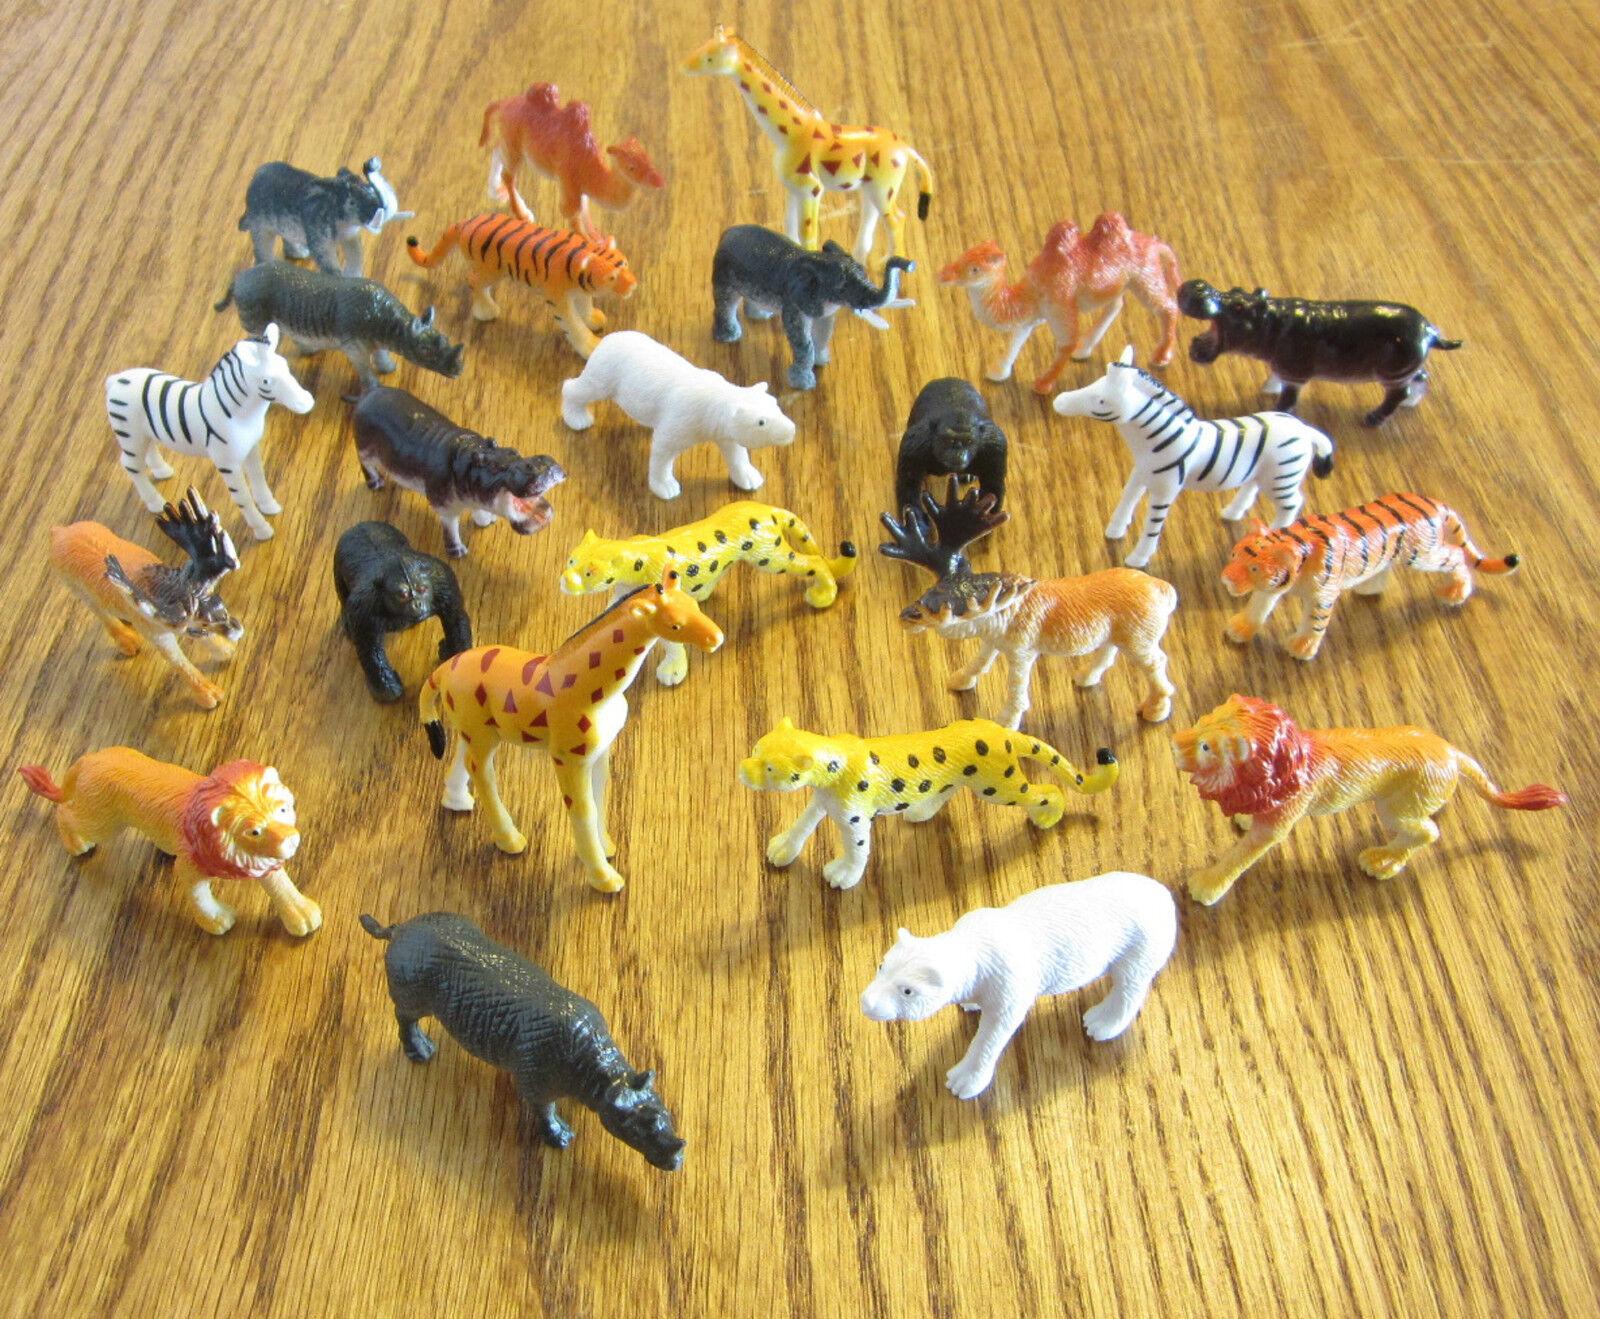 18 neue zoo - tiere spielzeug playset dschungel tier 2